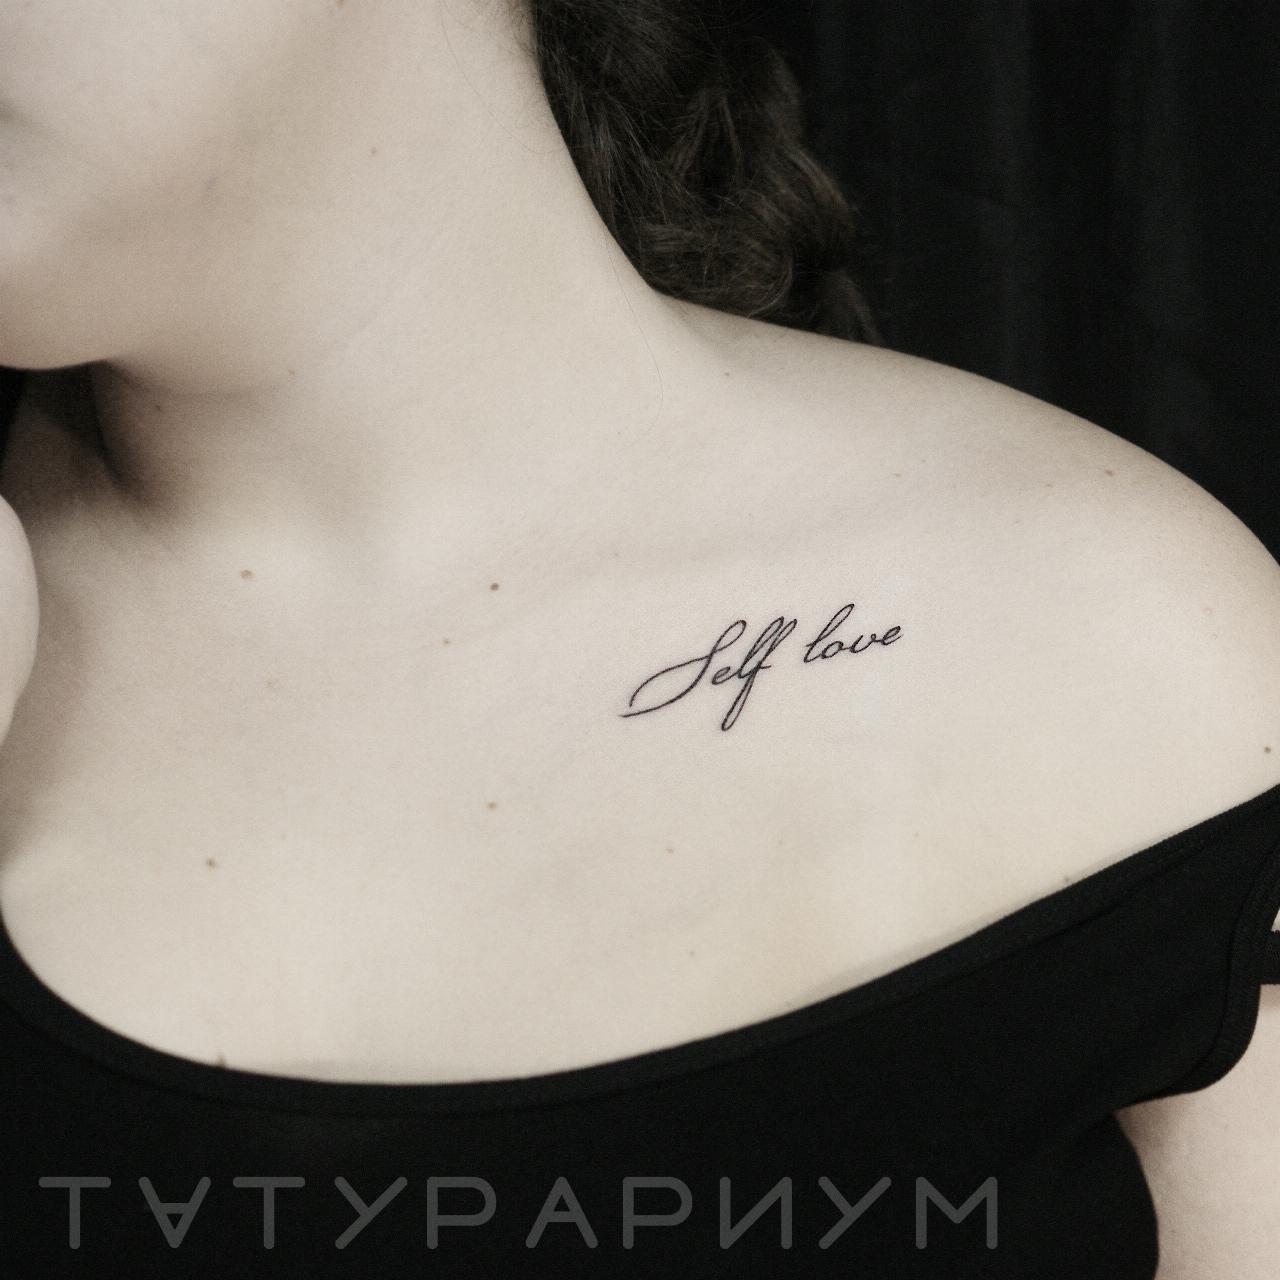 Фото татуировки, self love на ключице у